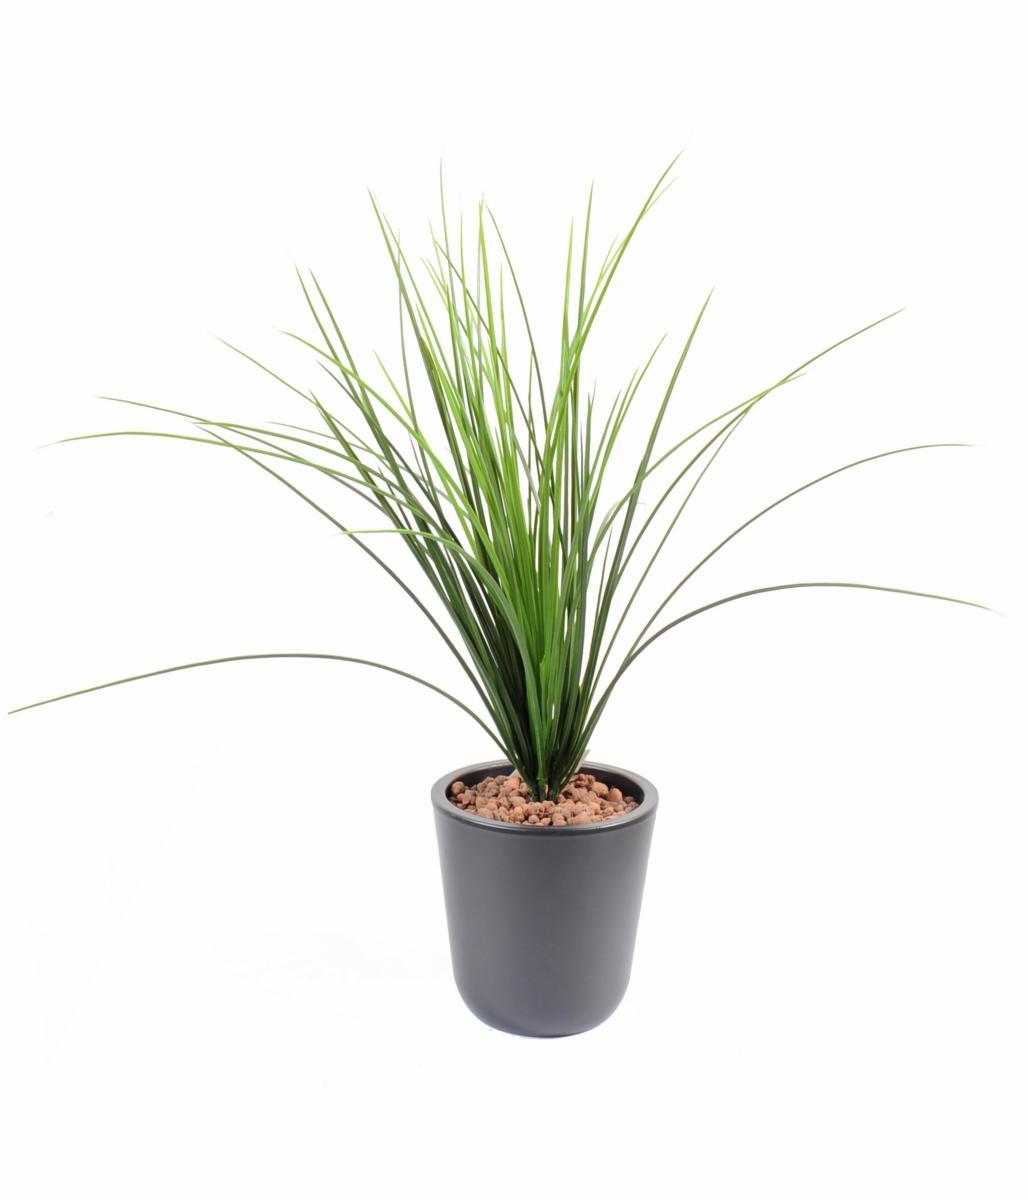 Plante artificielle herbe onion grass plastique en piquet for Plantes en plastique exterieur